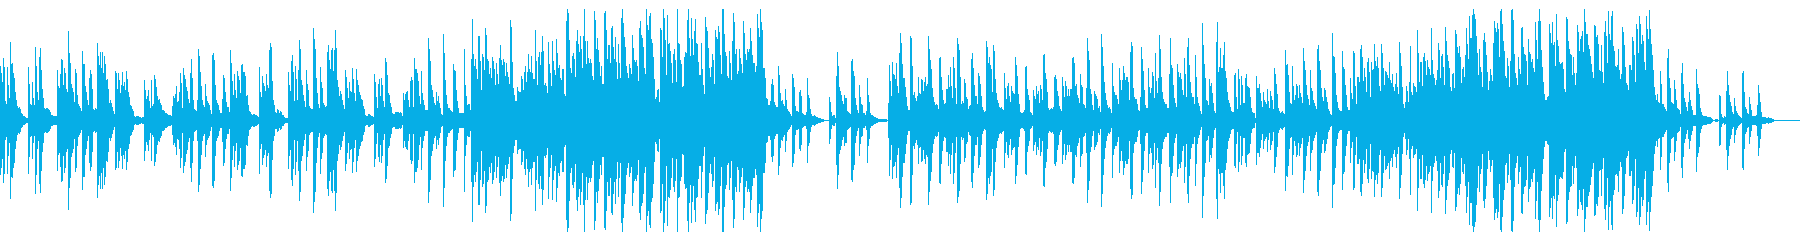 エレピのソロによる心が落ち着くレクイエムの再生済みの波形